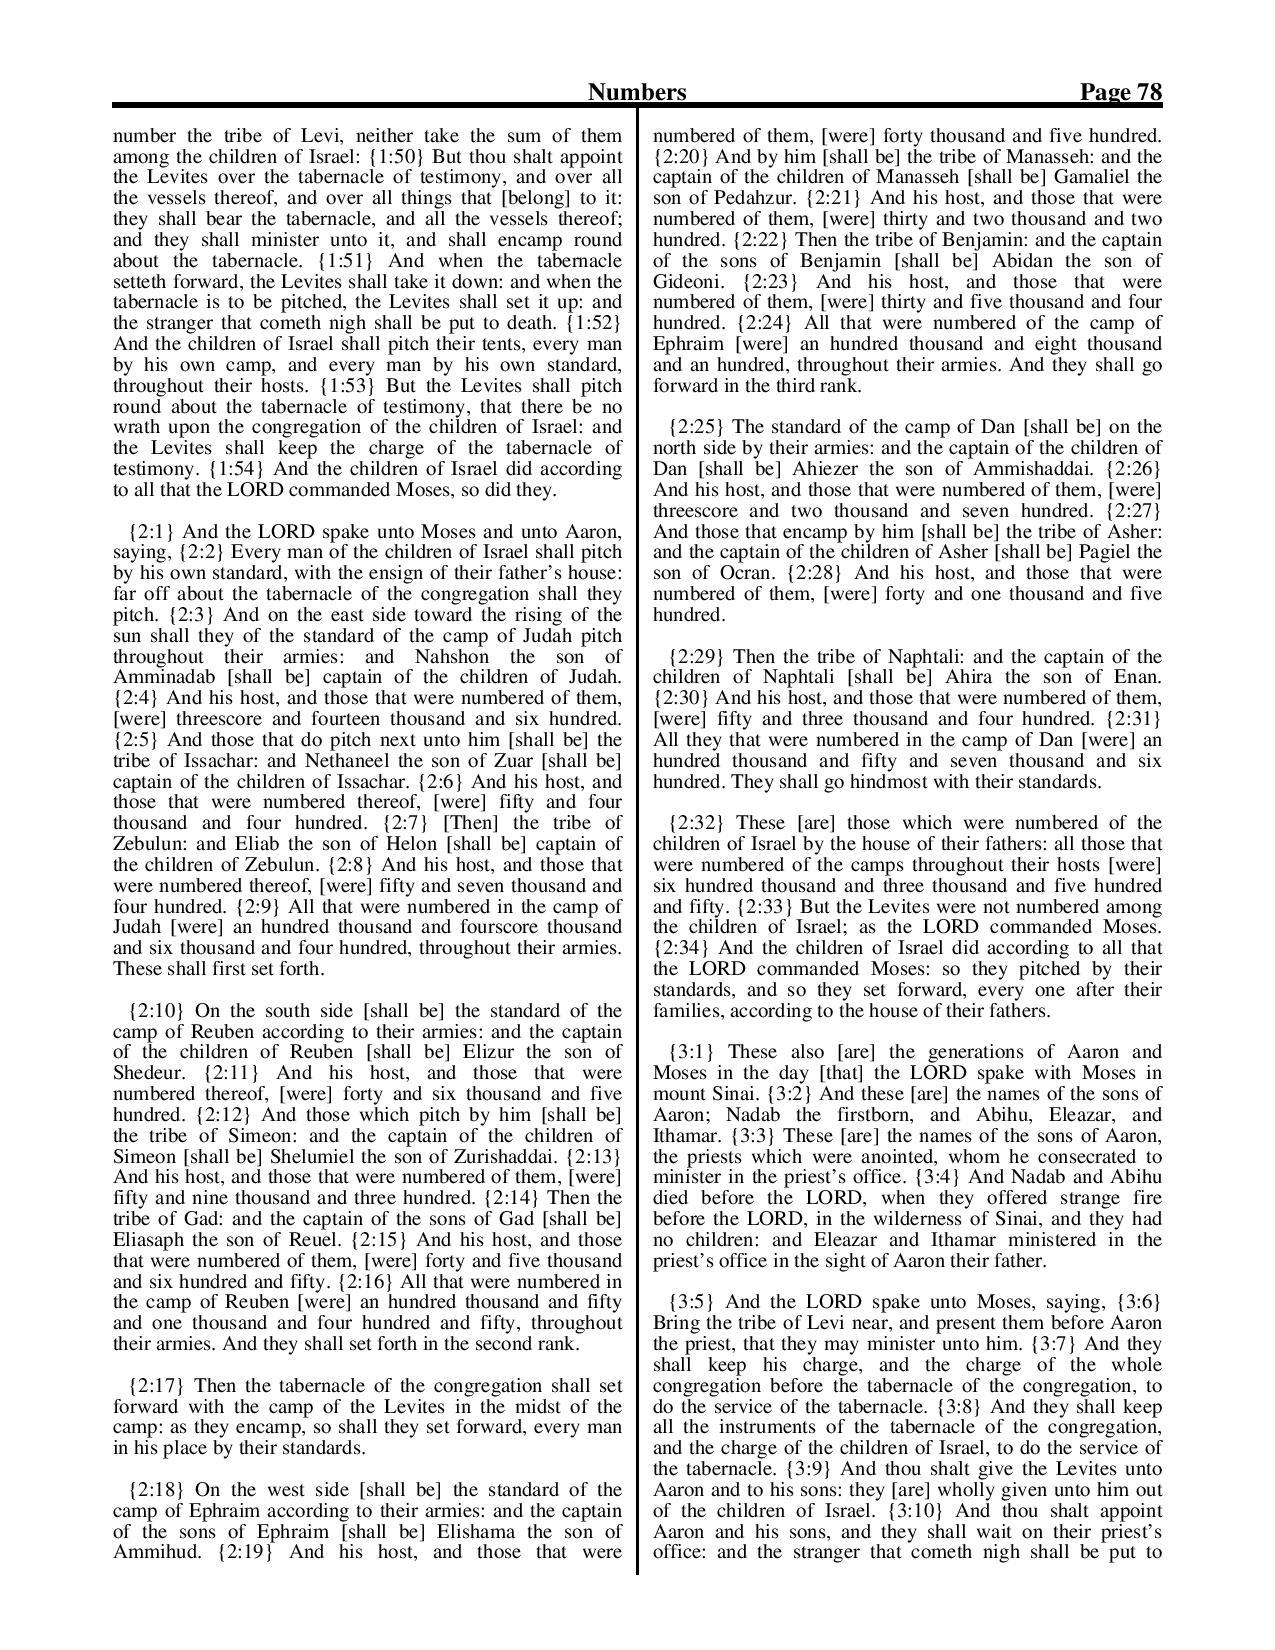 King-James-Bible-KJV-Bible-PDF-page-099